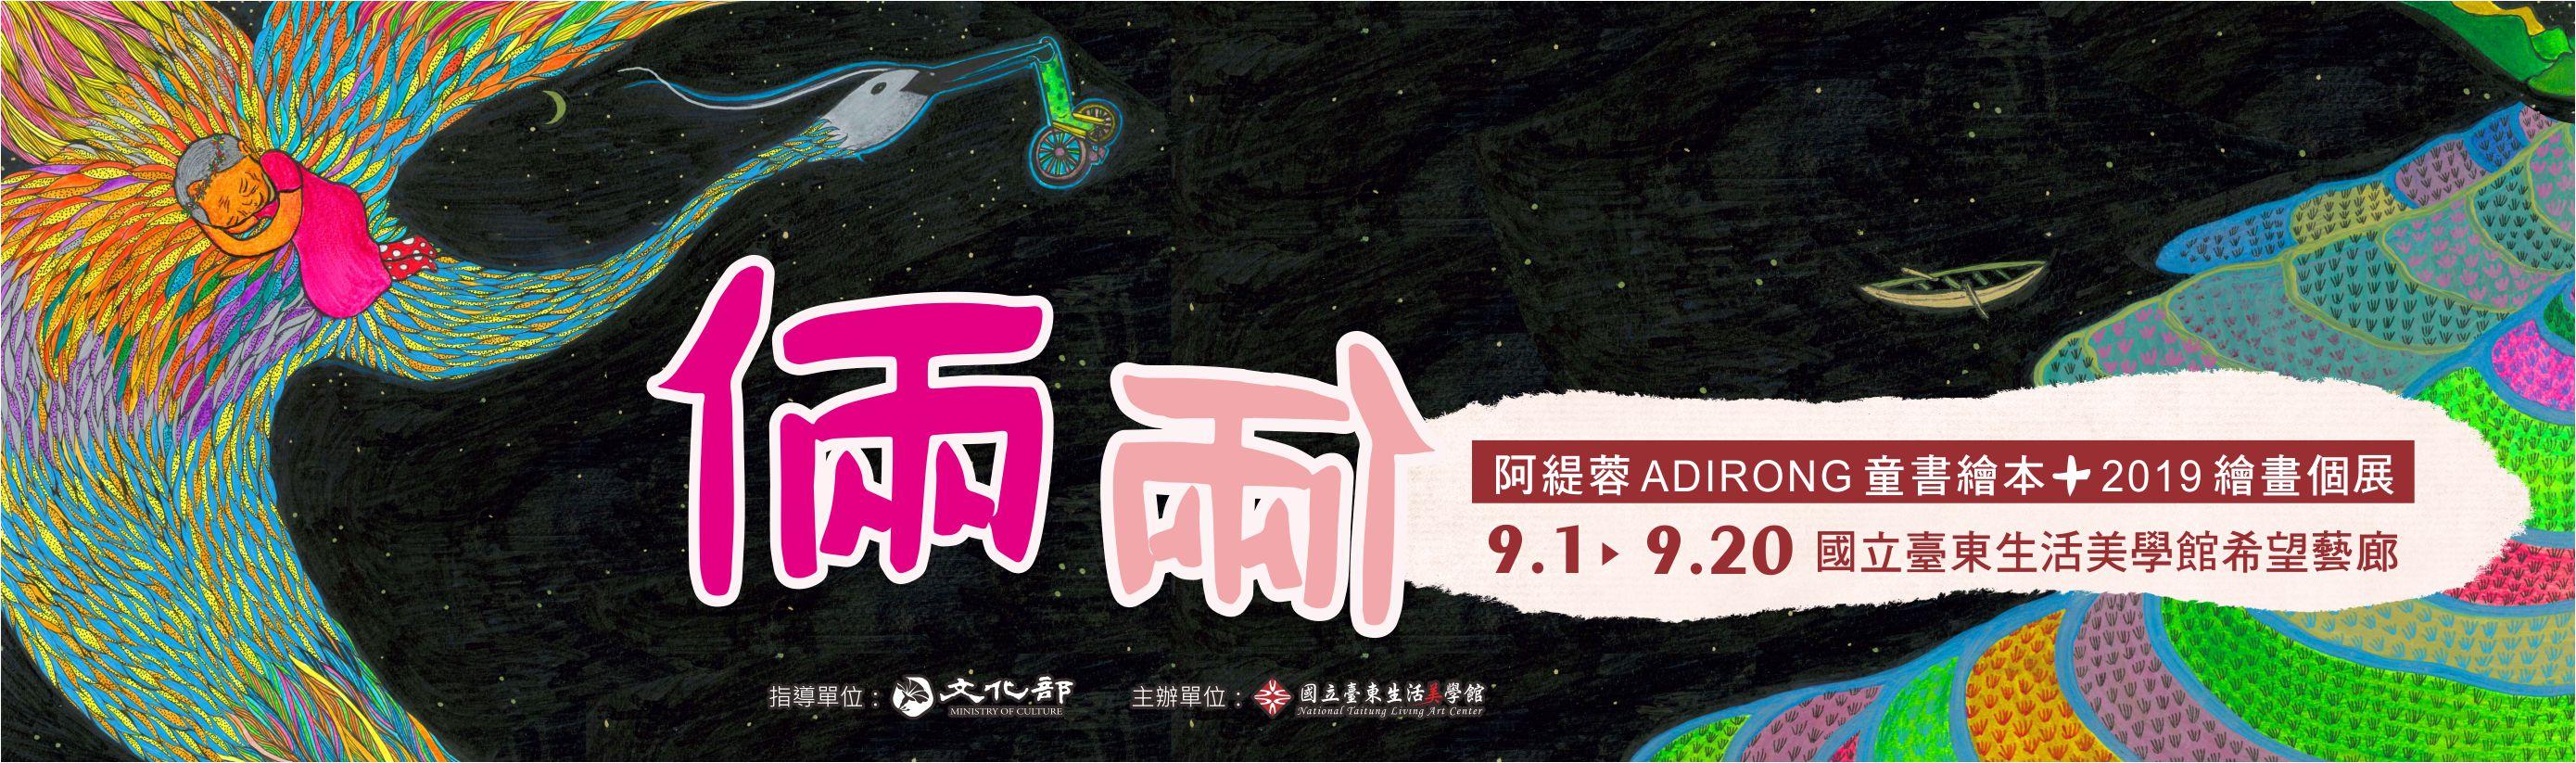 倆倆-阿緹蓉ADIRONG童書繪本+2019繪畫個展